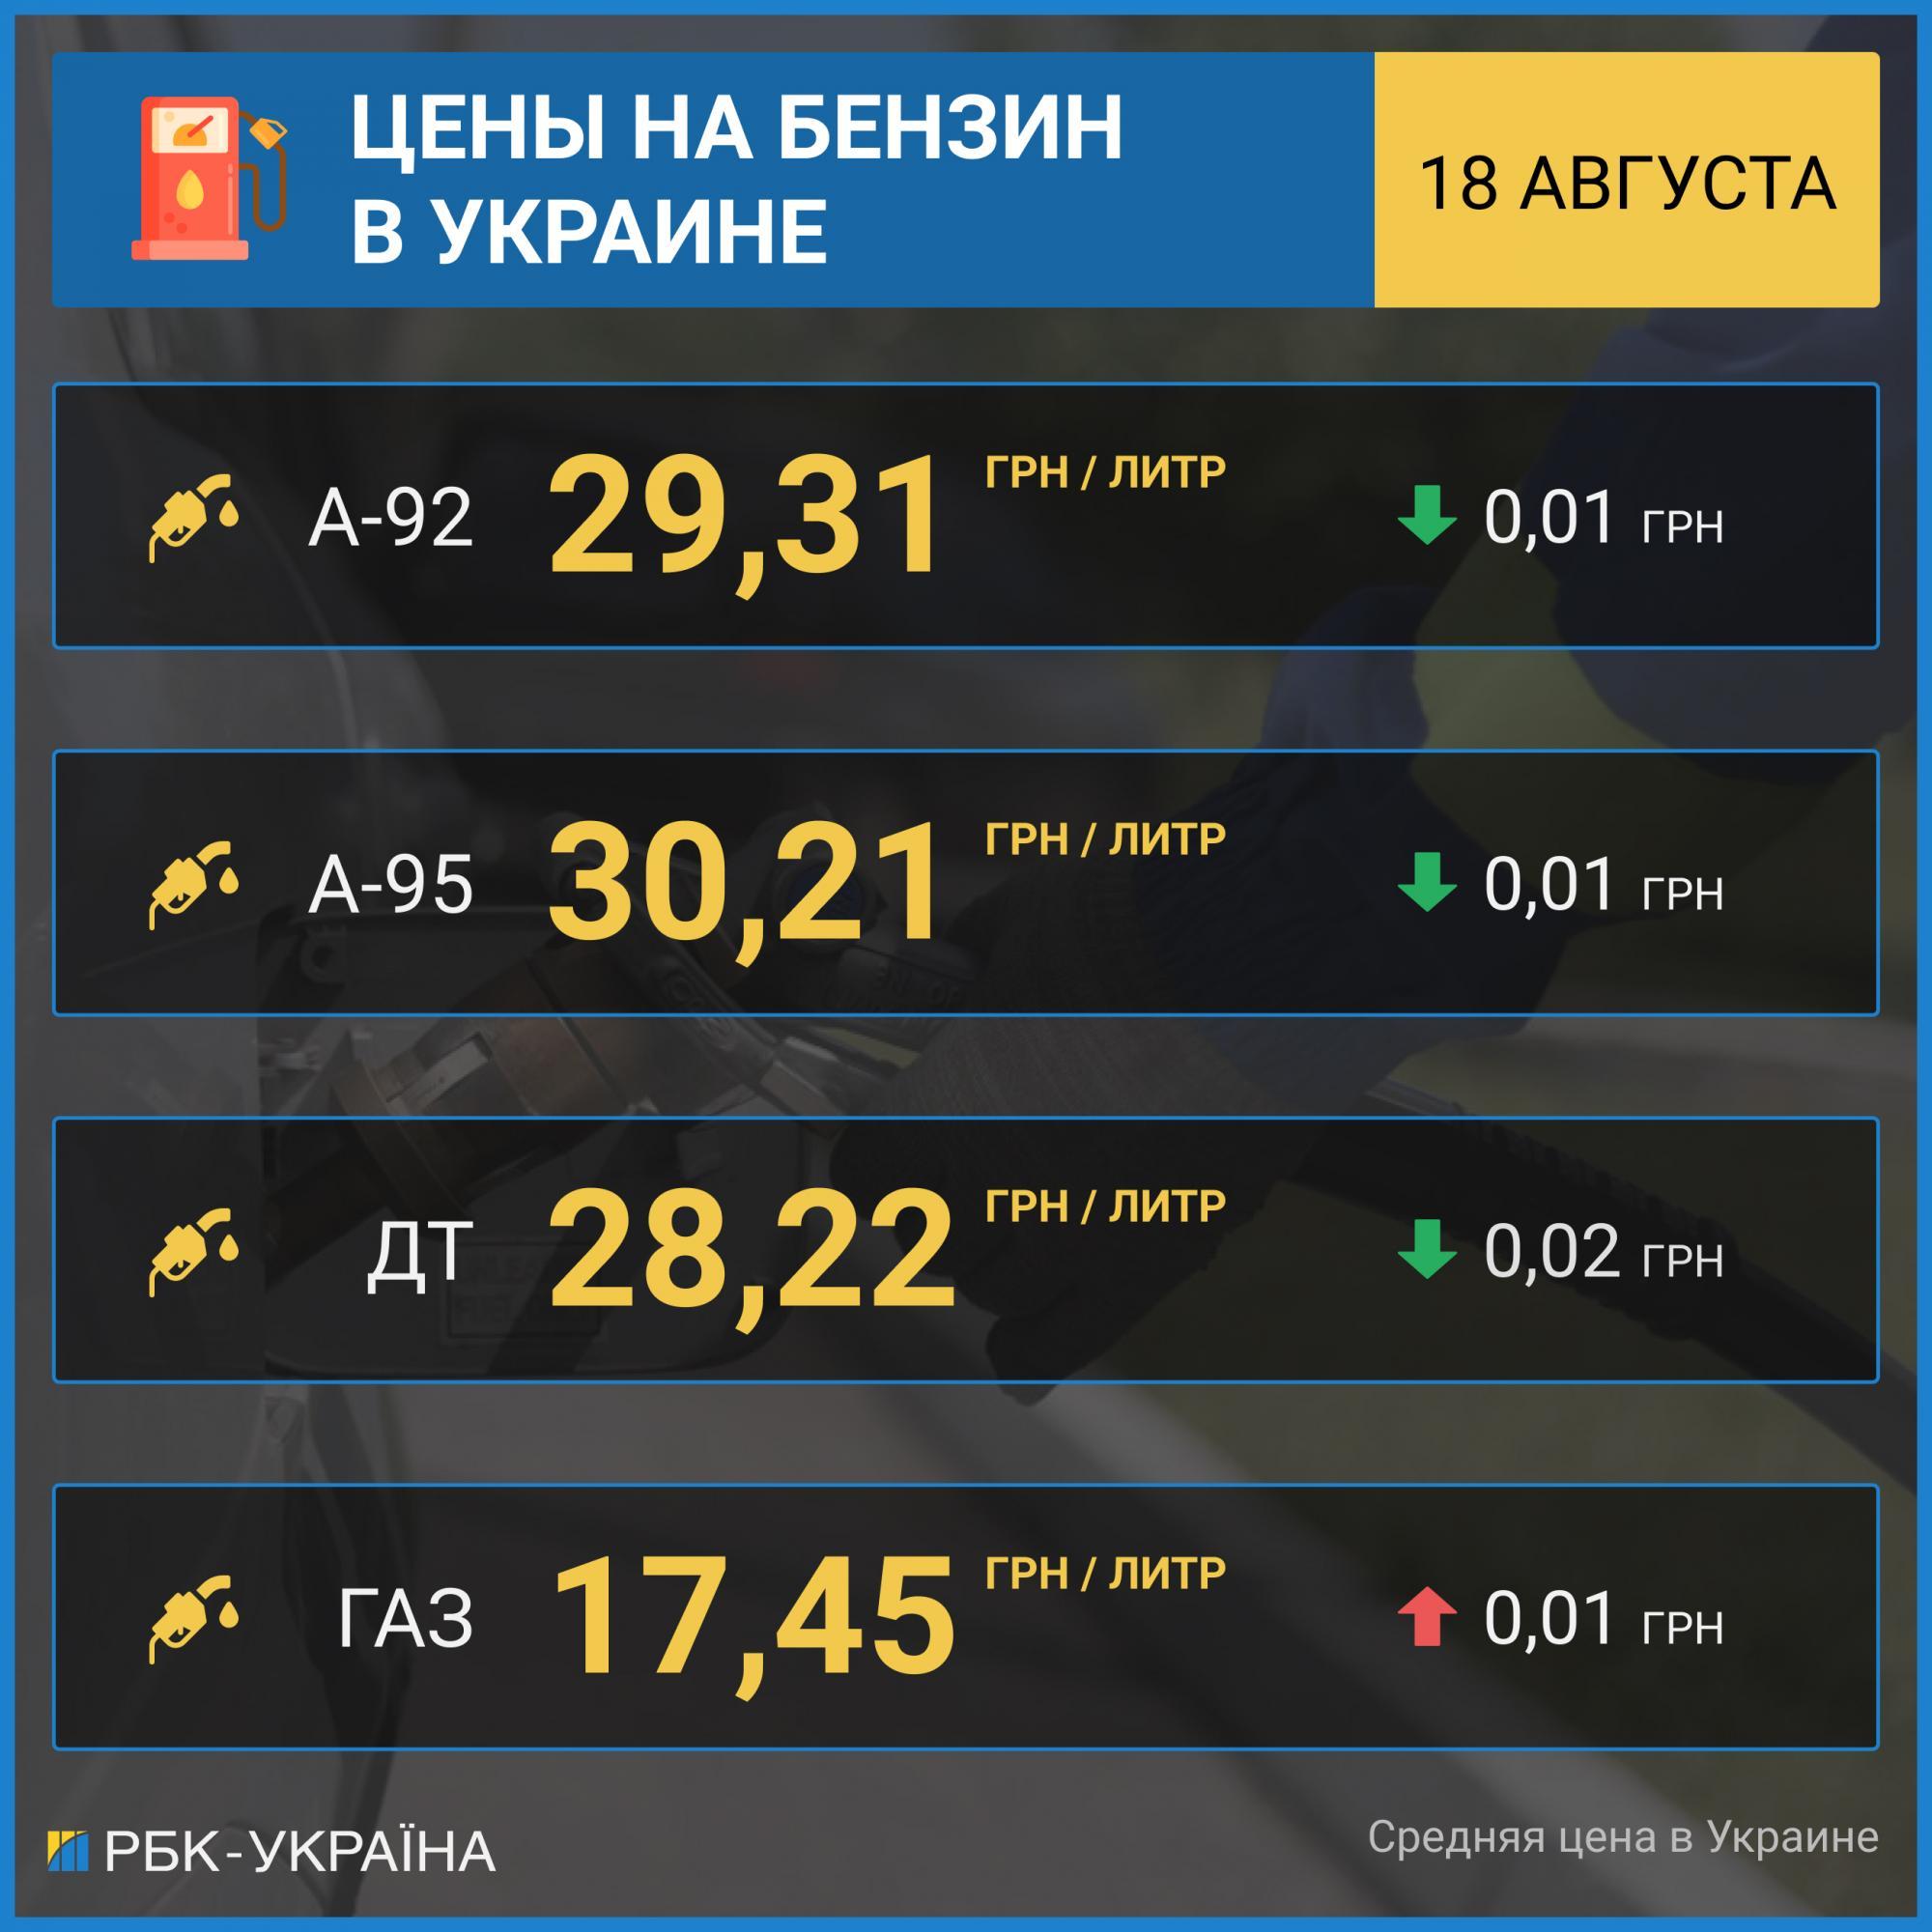 Цены на бензин в Украине снижаются, автогаз дорожает 1